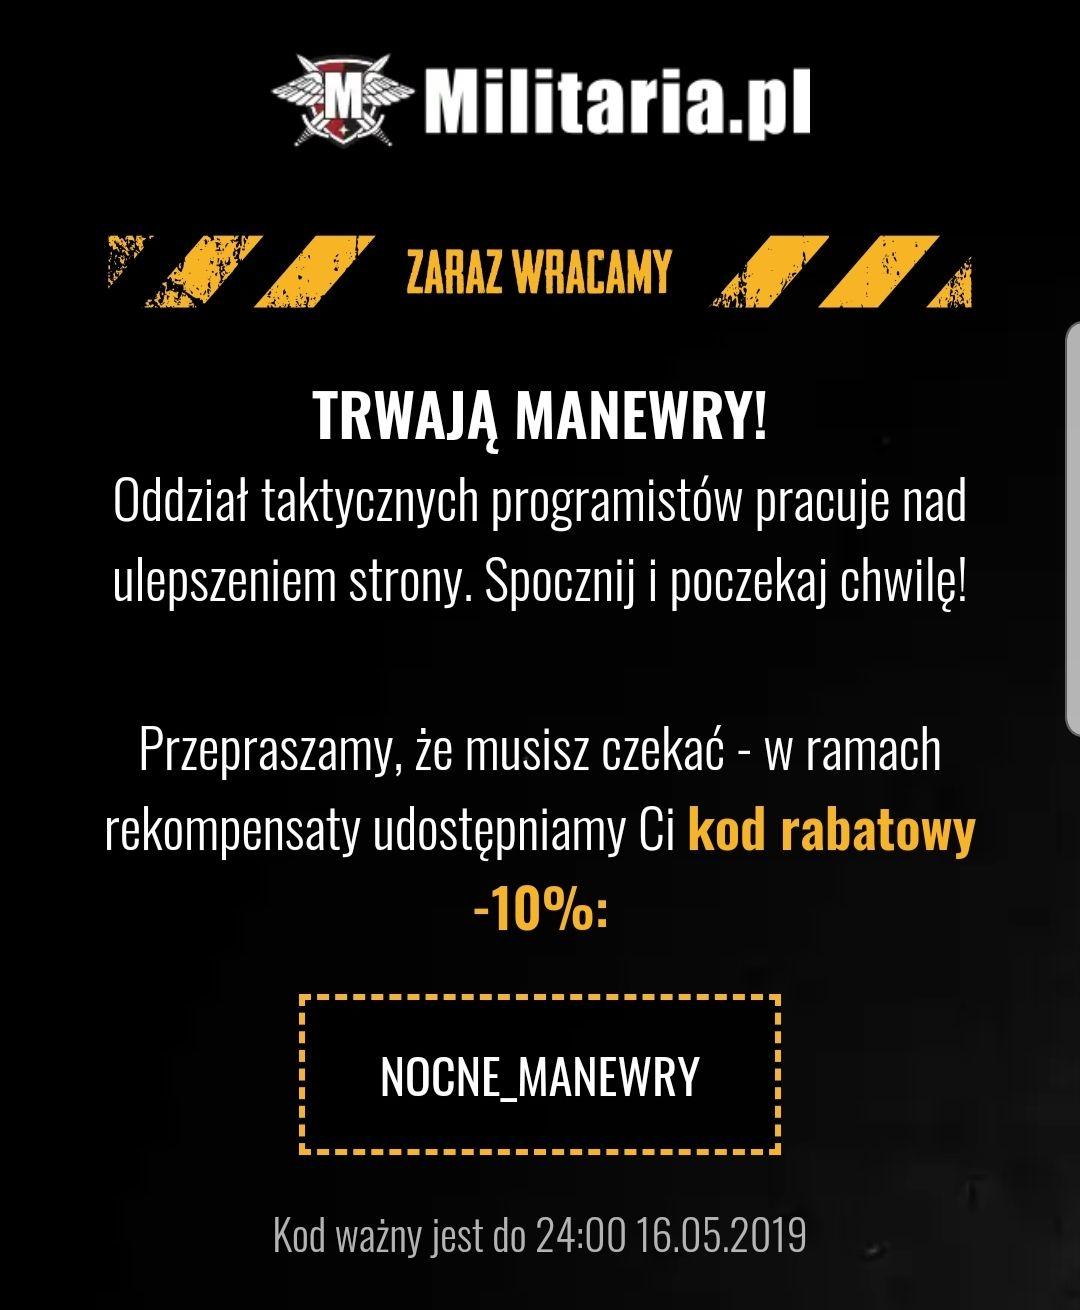 Militaria.pl -10% za nocne serwisowanie